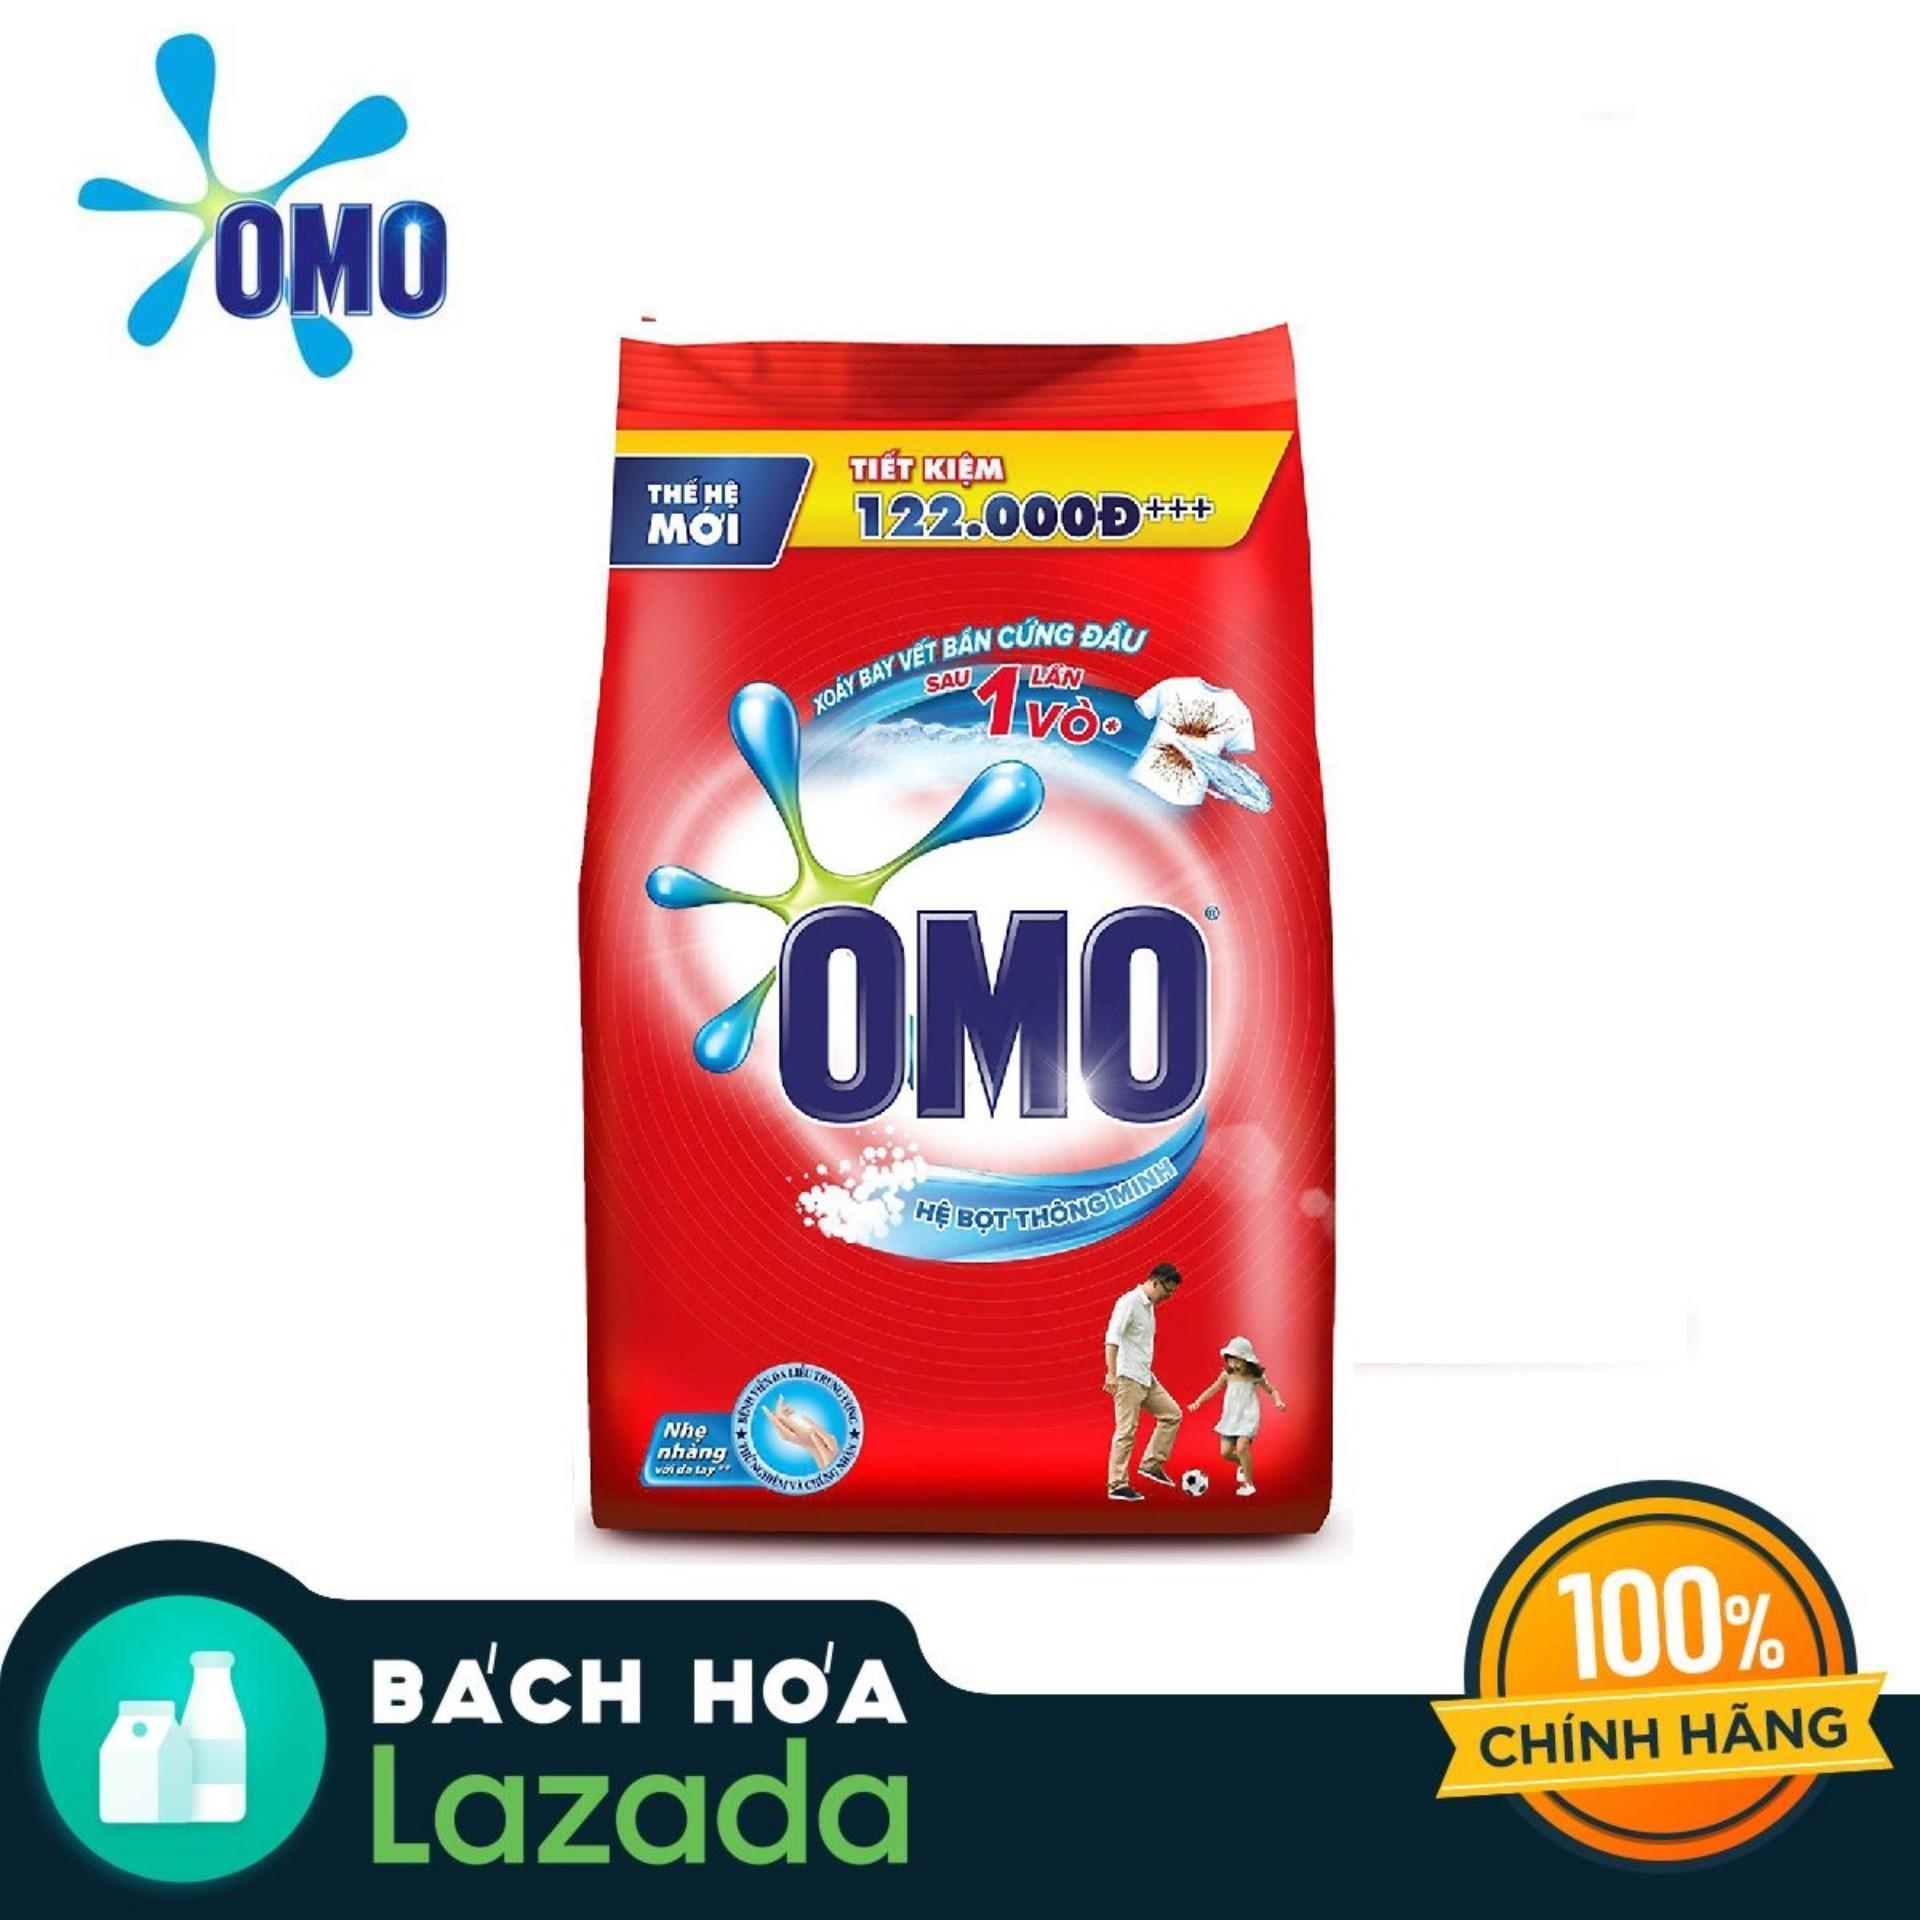 Bột Giặt OMO Hệ Bọt Thông Minh 6kg Giá Rất Tiết Kiệm